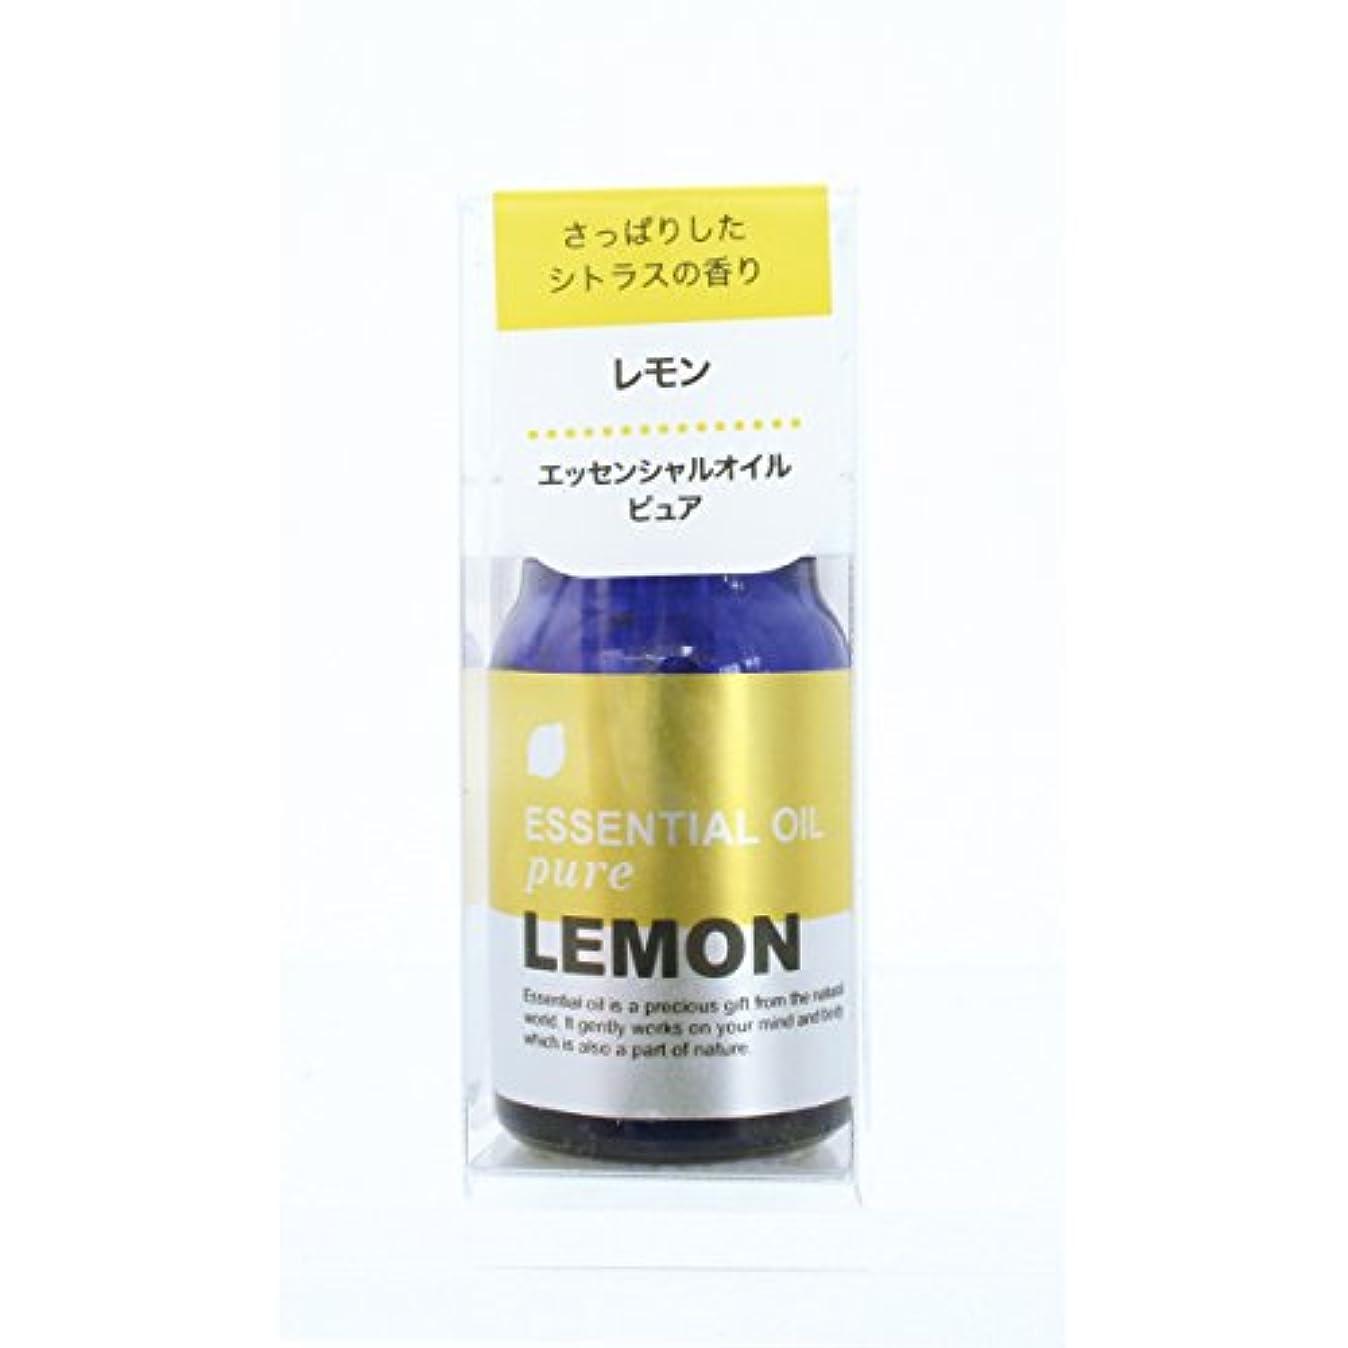 信頼性のある誘発する最小プチエッセンシャルオイル レモン